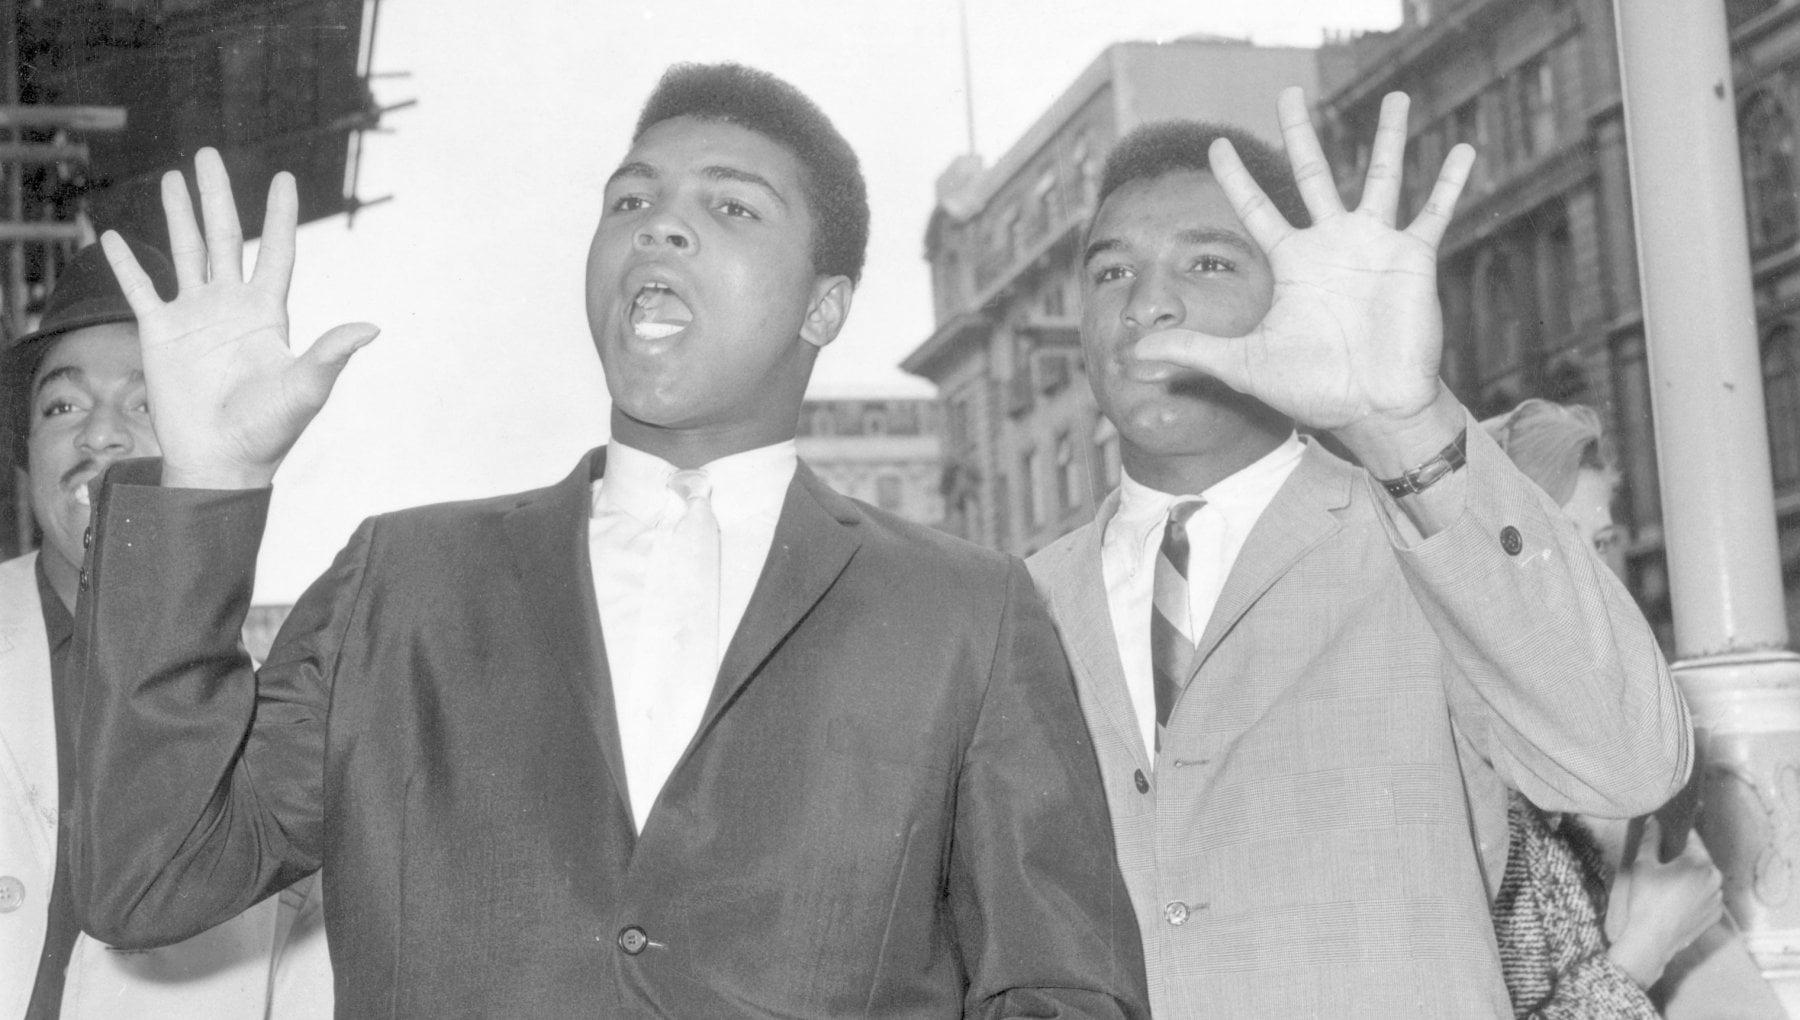 """162526329 37cde82a fa0e 4af6 aeb3 9900e8e86f54 - """"Muhammad Ali era il più grande sul ring, ma io con le ragazze. E a lui non andava giù"""""""